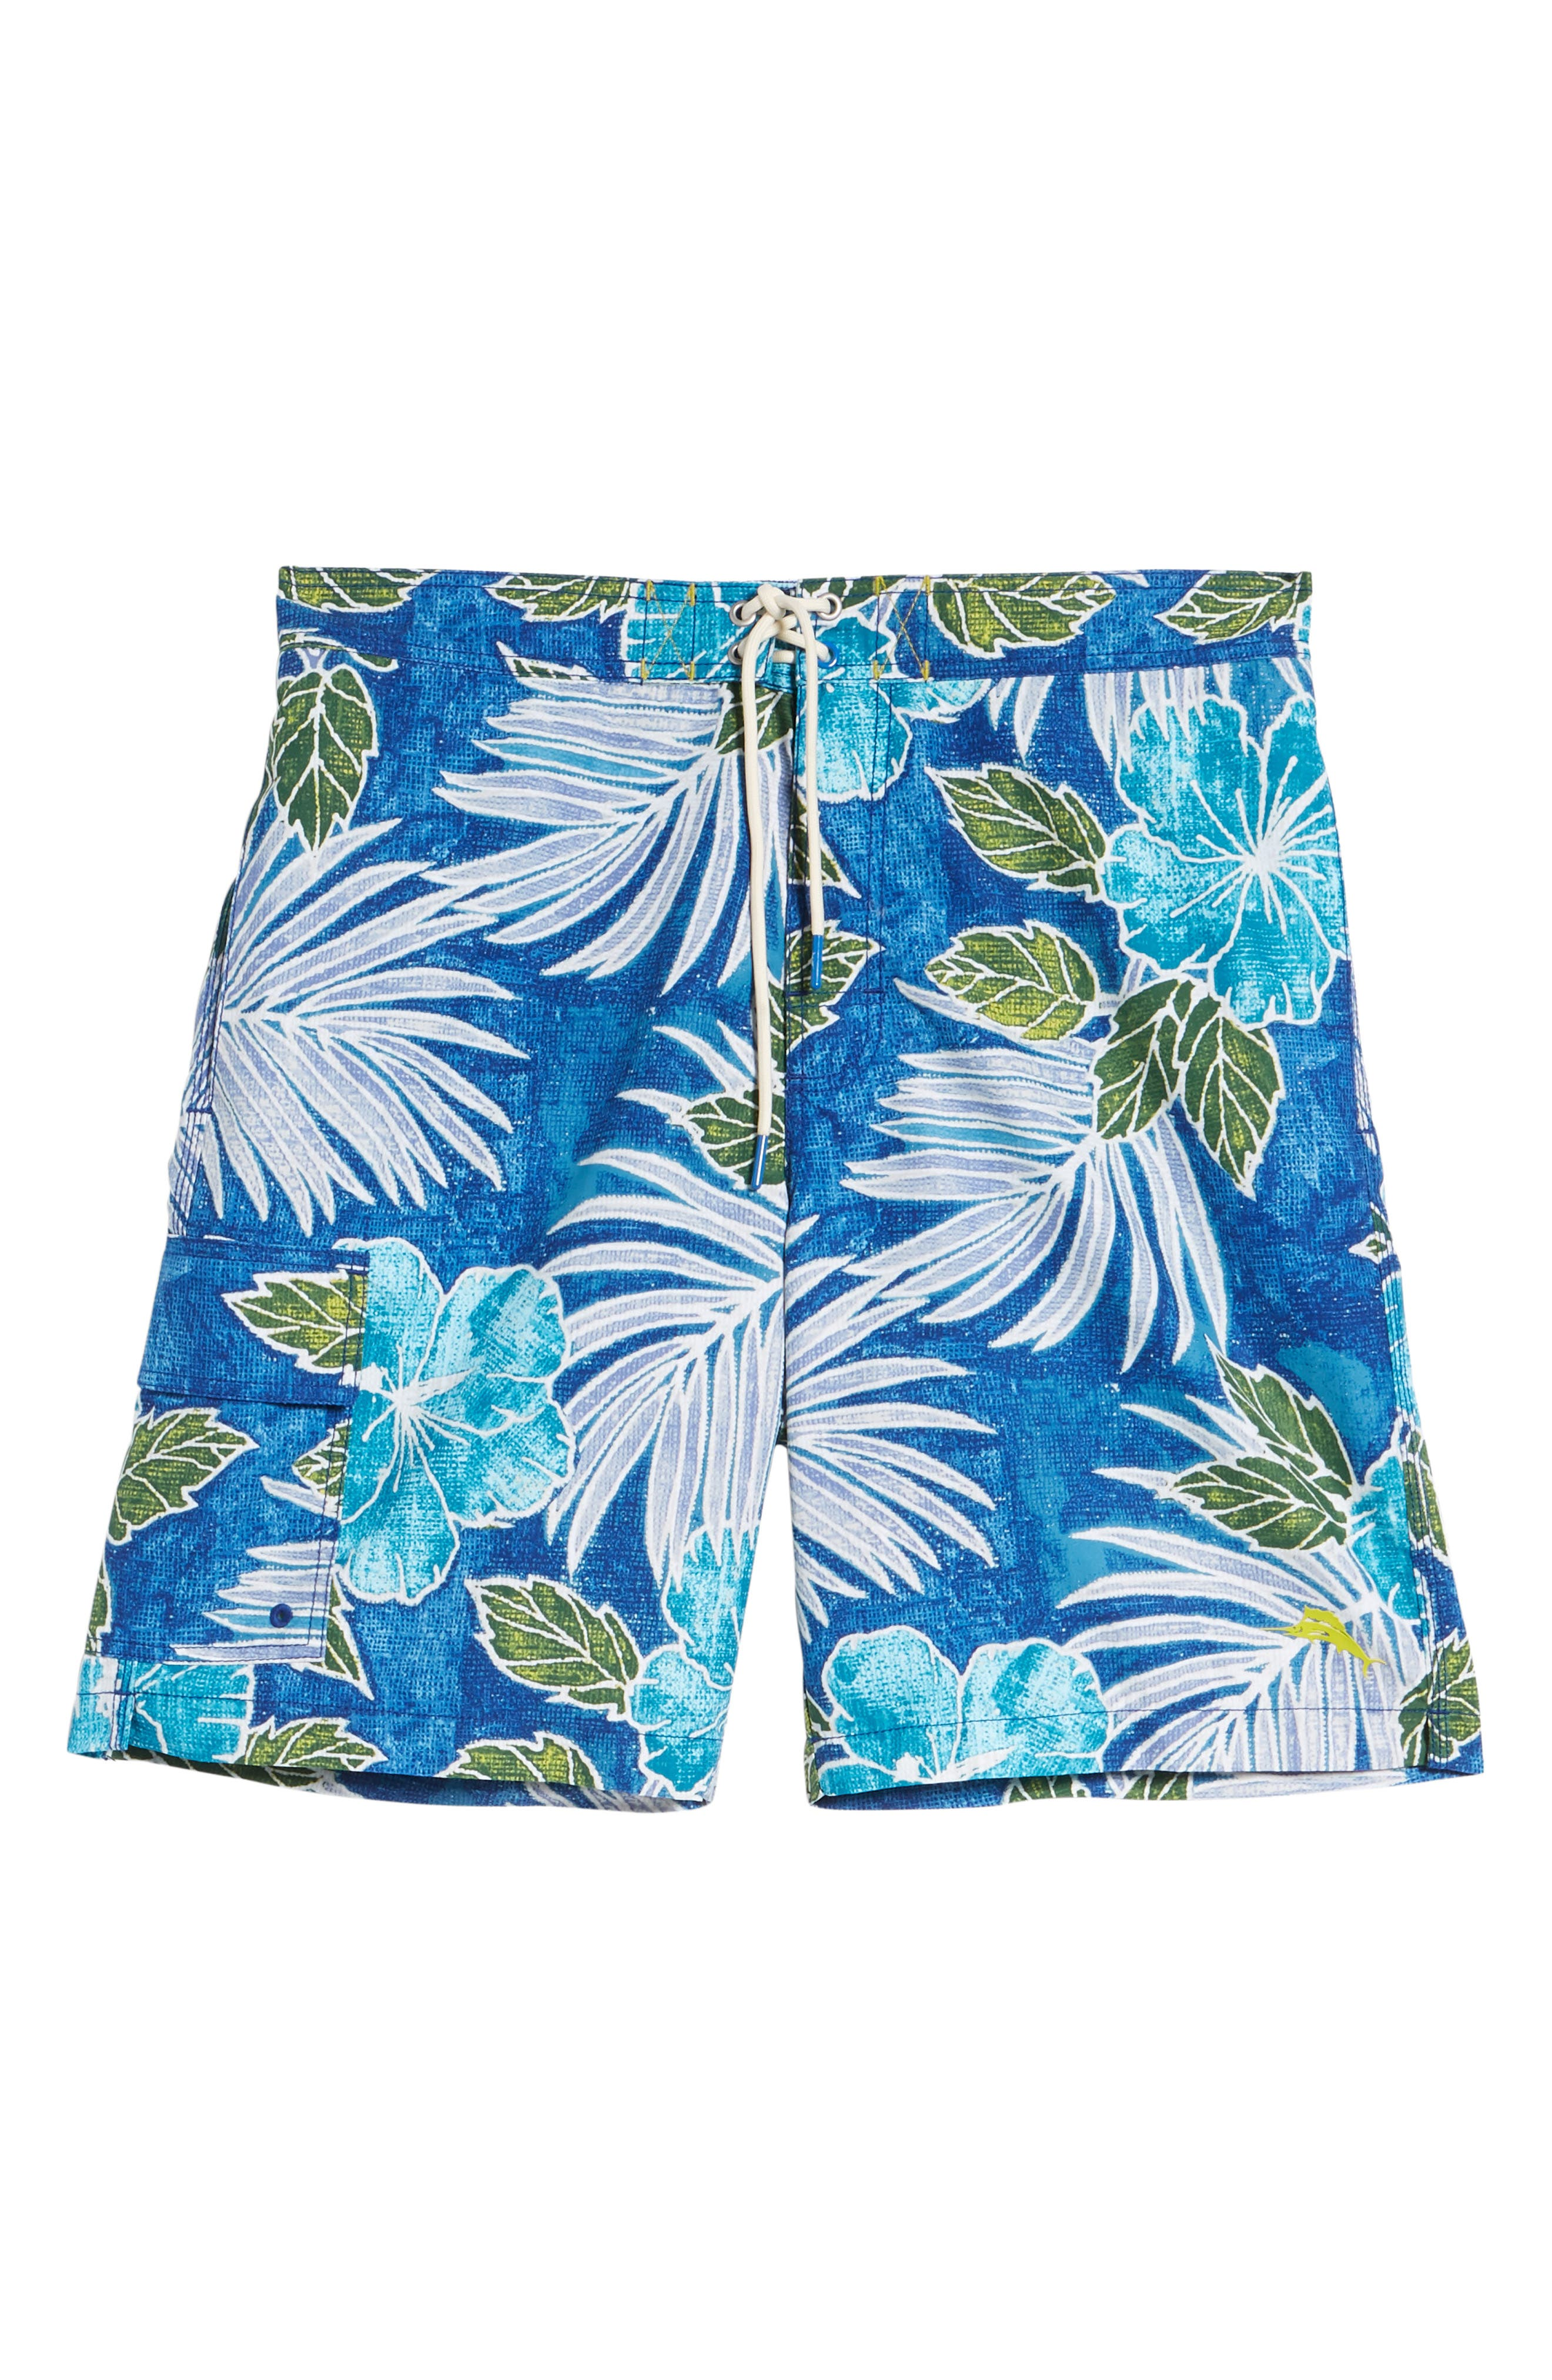 Baja Hibiscus Cove Board Shorts,                             Alternate thumbnail 6, color,                             DARK COBALT